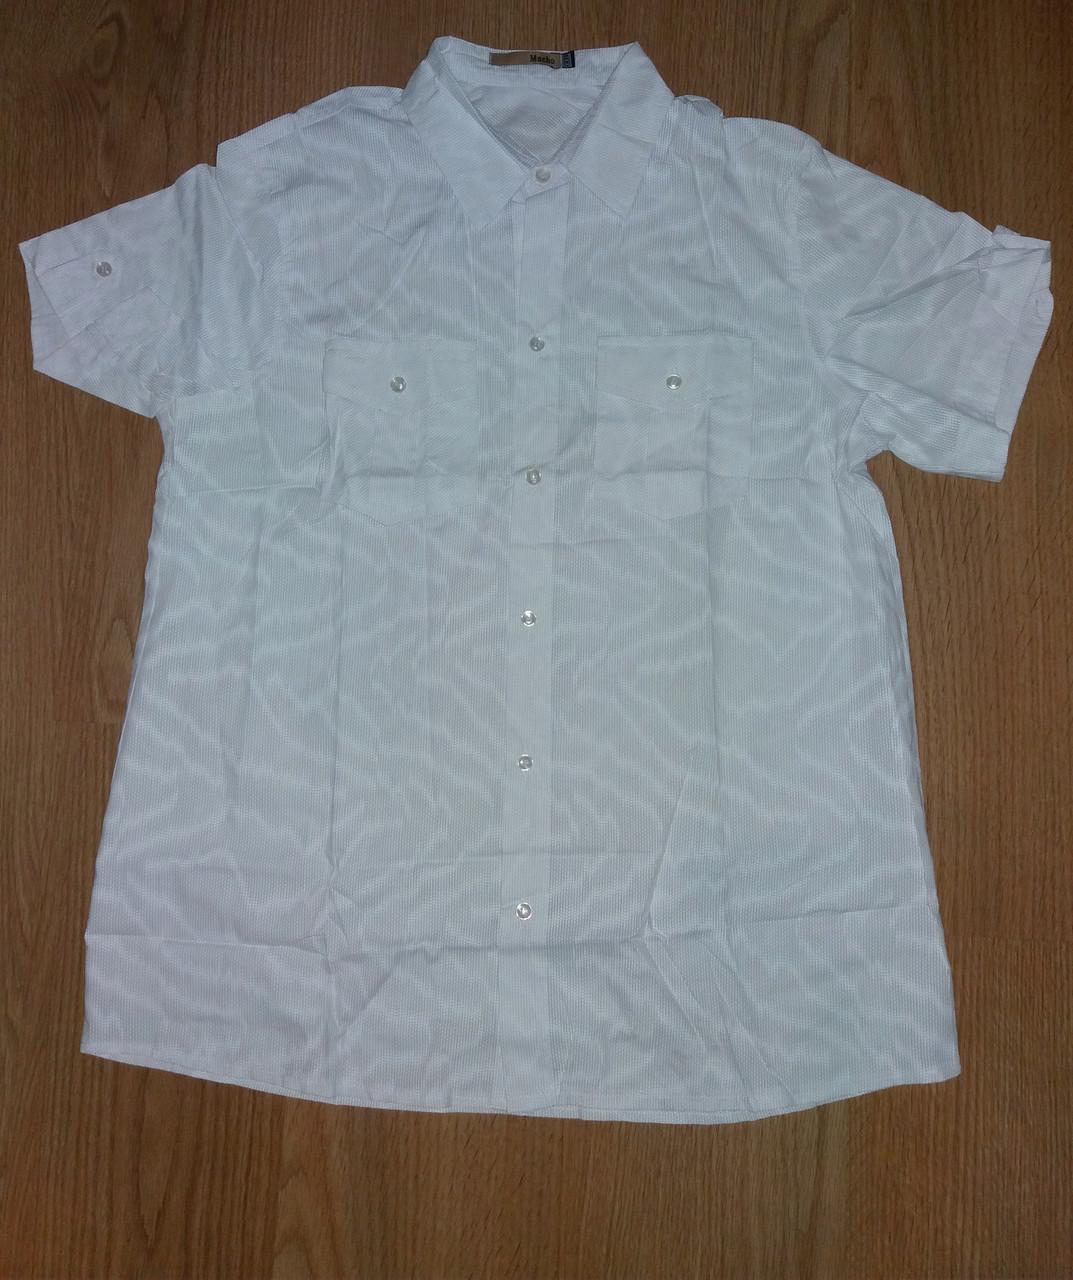 Чоловіча сорочка з коротким рукавом, біла р. XXL (52) Туреччина